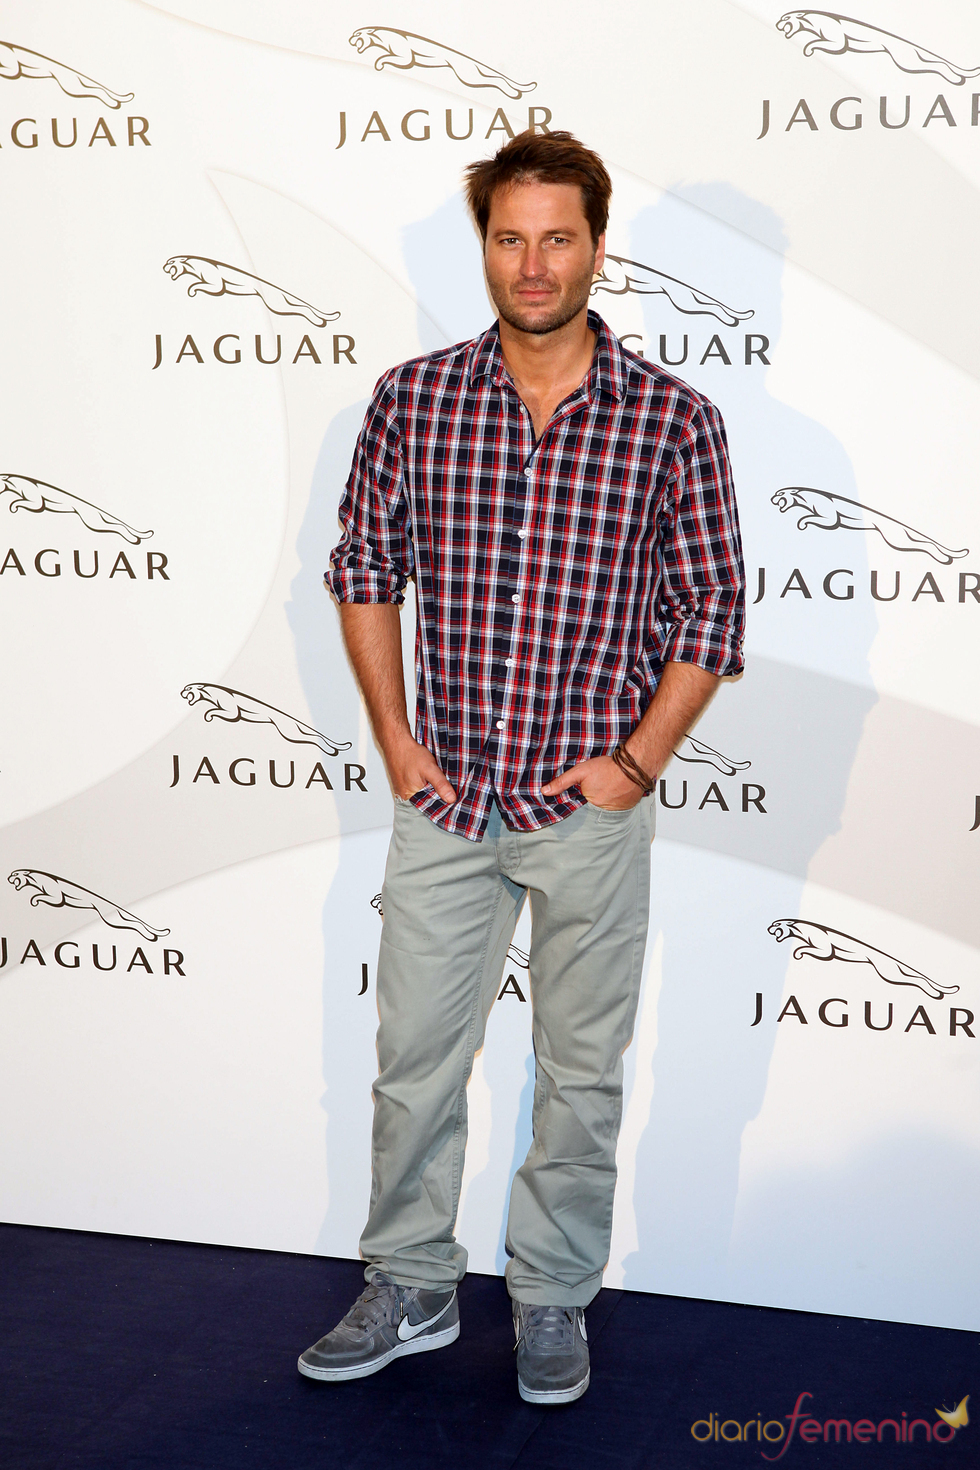 Fernando Andina en un acto promocional de la firma Jaguar